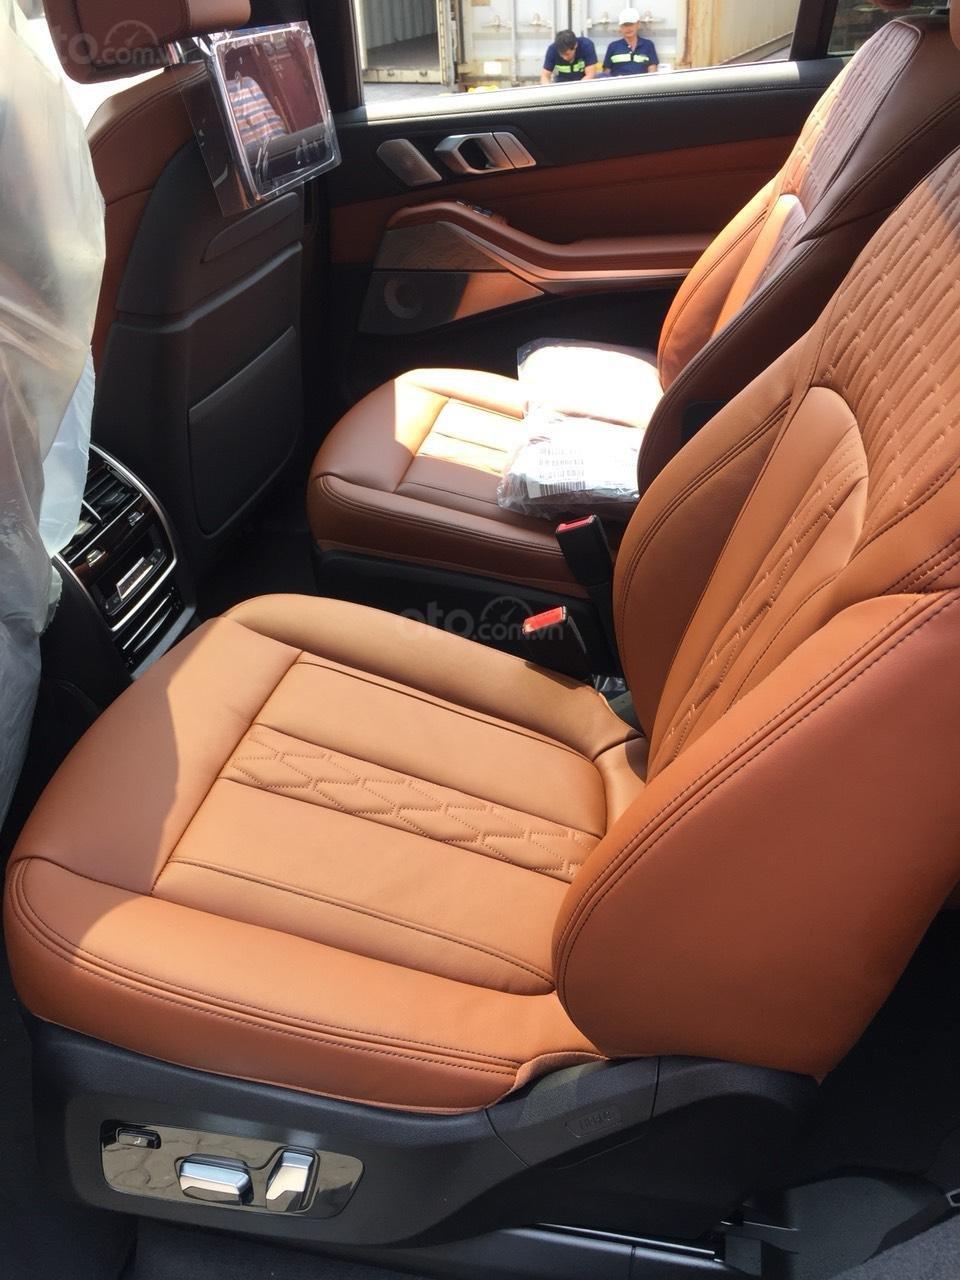 Bán BMW X7 M-sport xdrive 40i, đủ màu giao ngay, xe full option, nhận ép biển đẹp (3)